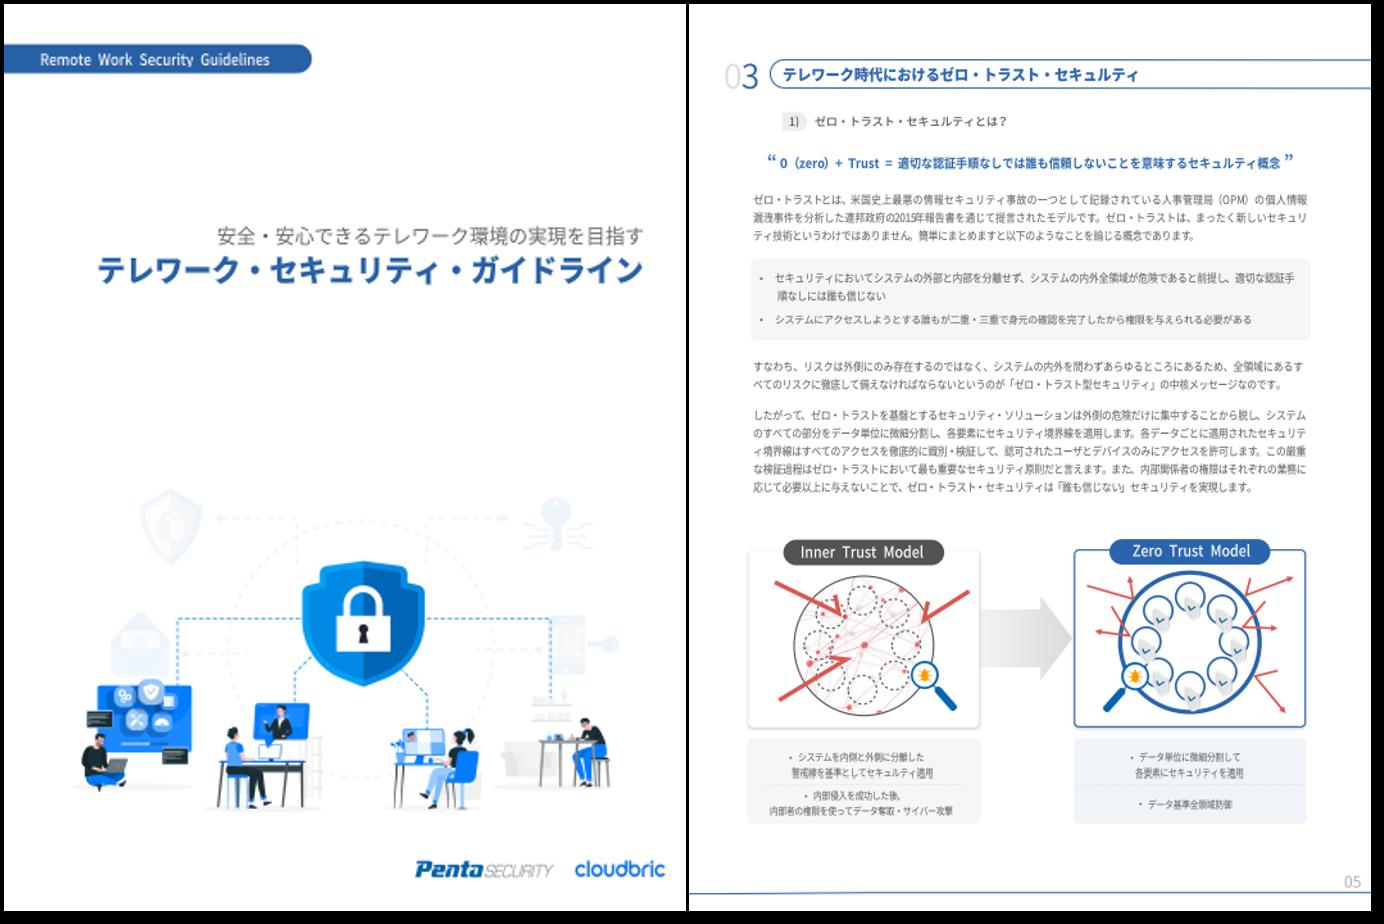 ゼロトラストテレワークセキュリティ